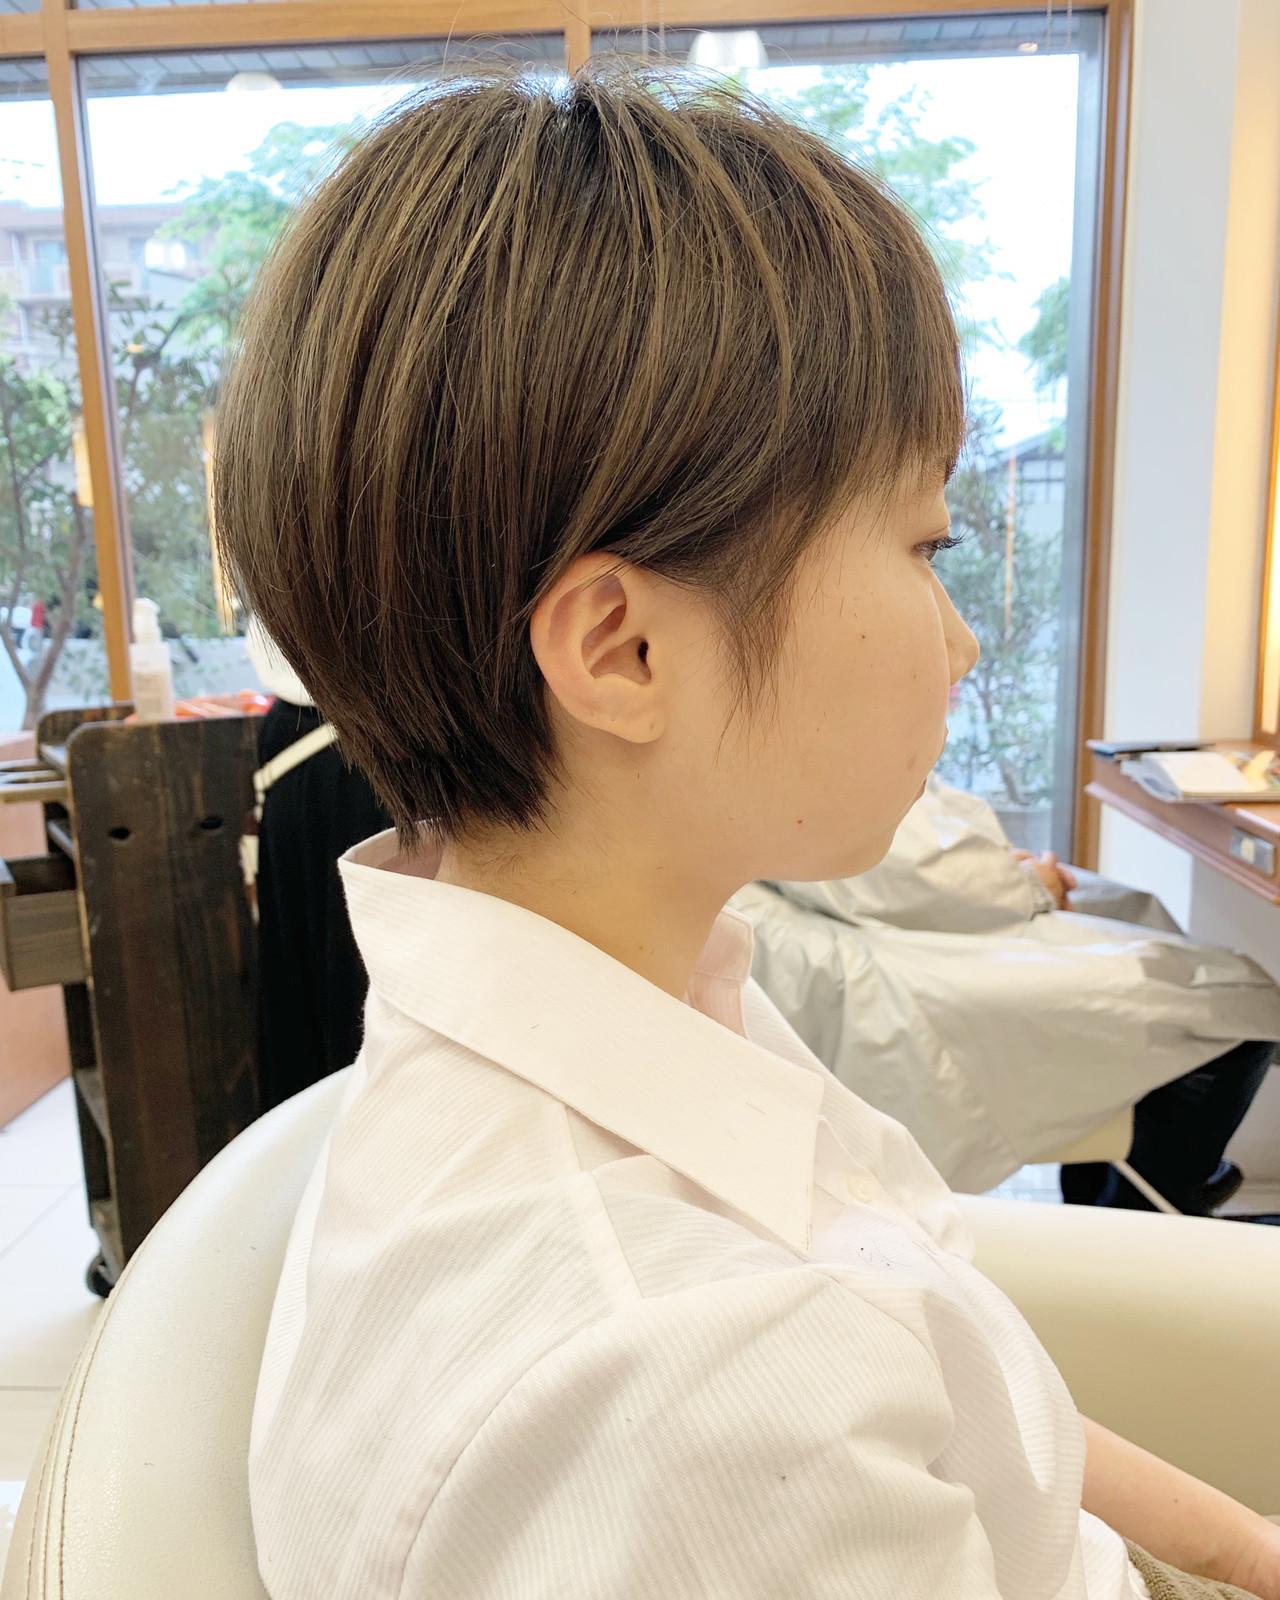 ふんわりショート  可愛い ハンサムショート ヘアスタイルや髪型の写真・画像 | 【つくば美容師】ショートヘア愛好家/矢崎 翔太 / ジールサロン